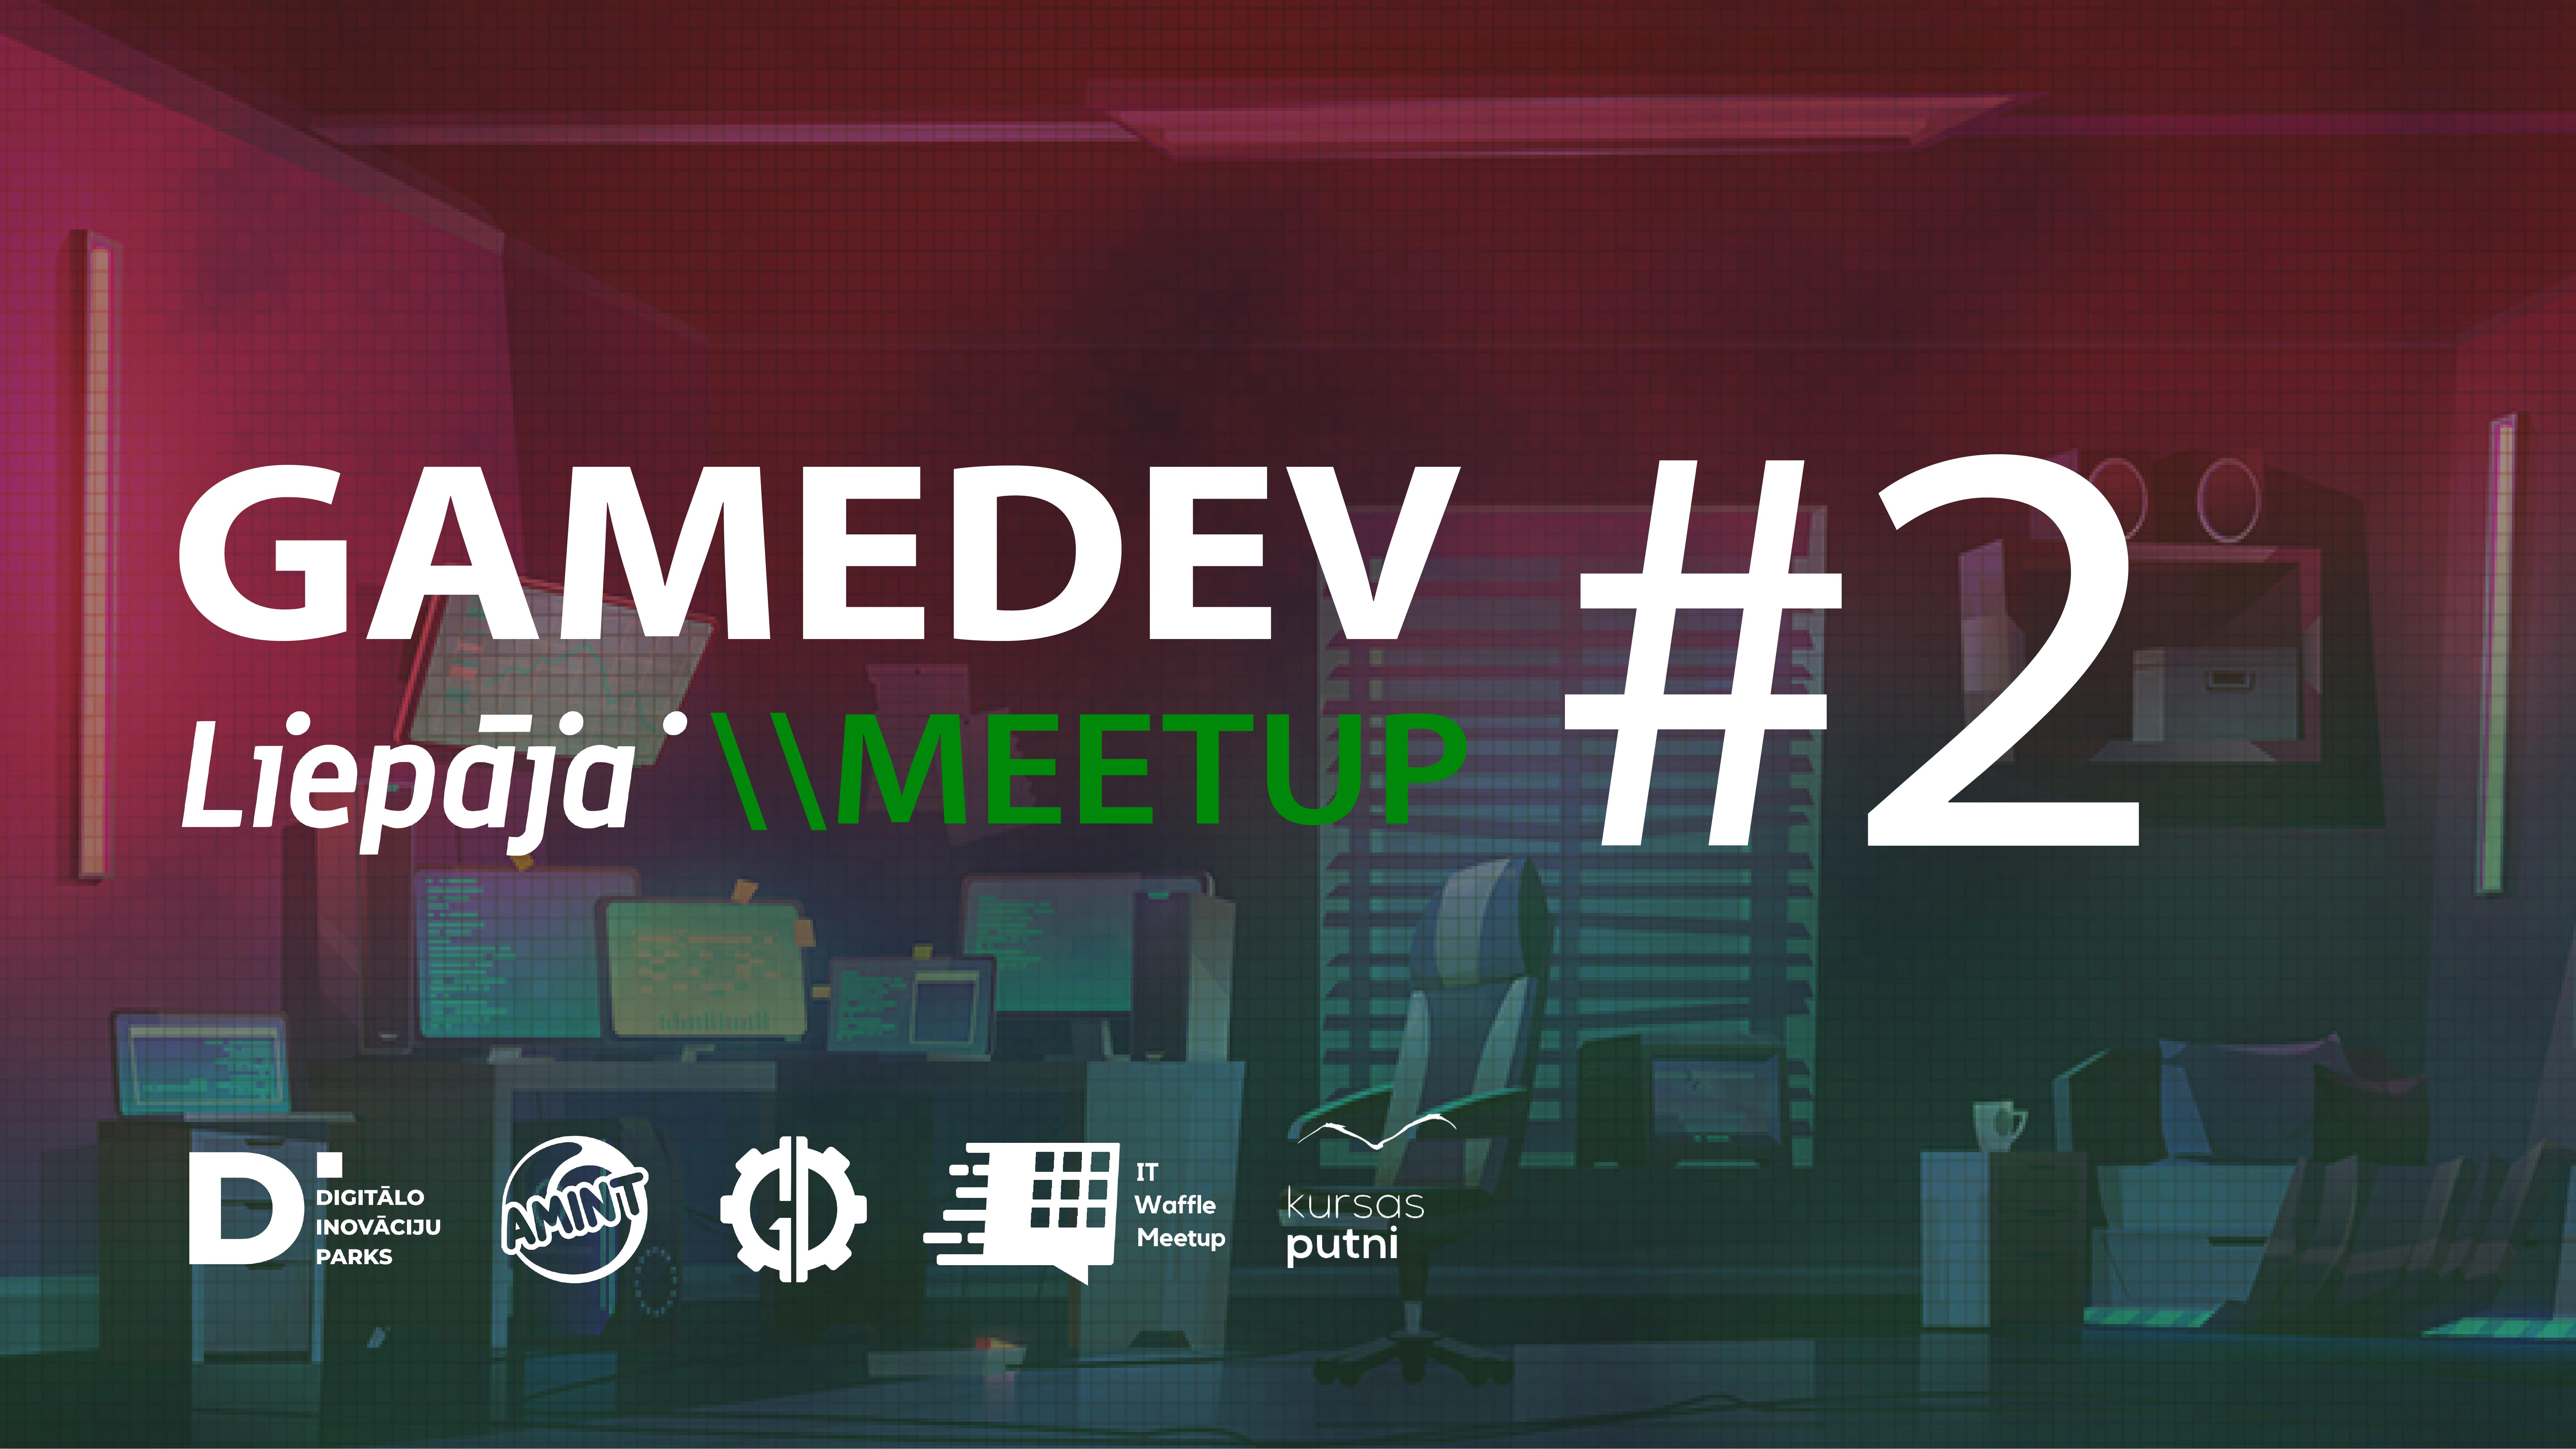 GameDev Liepaja Meetup #2